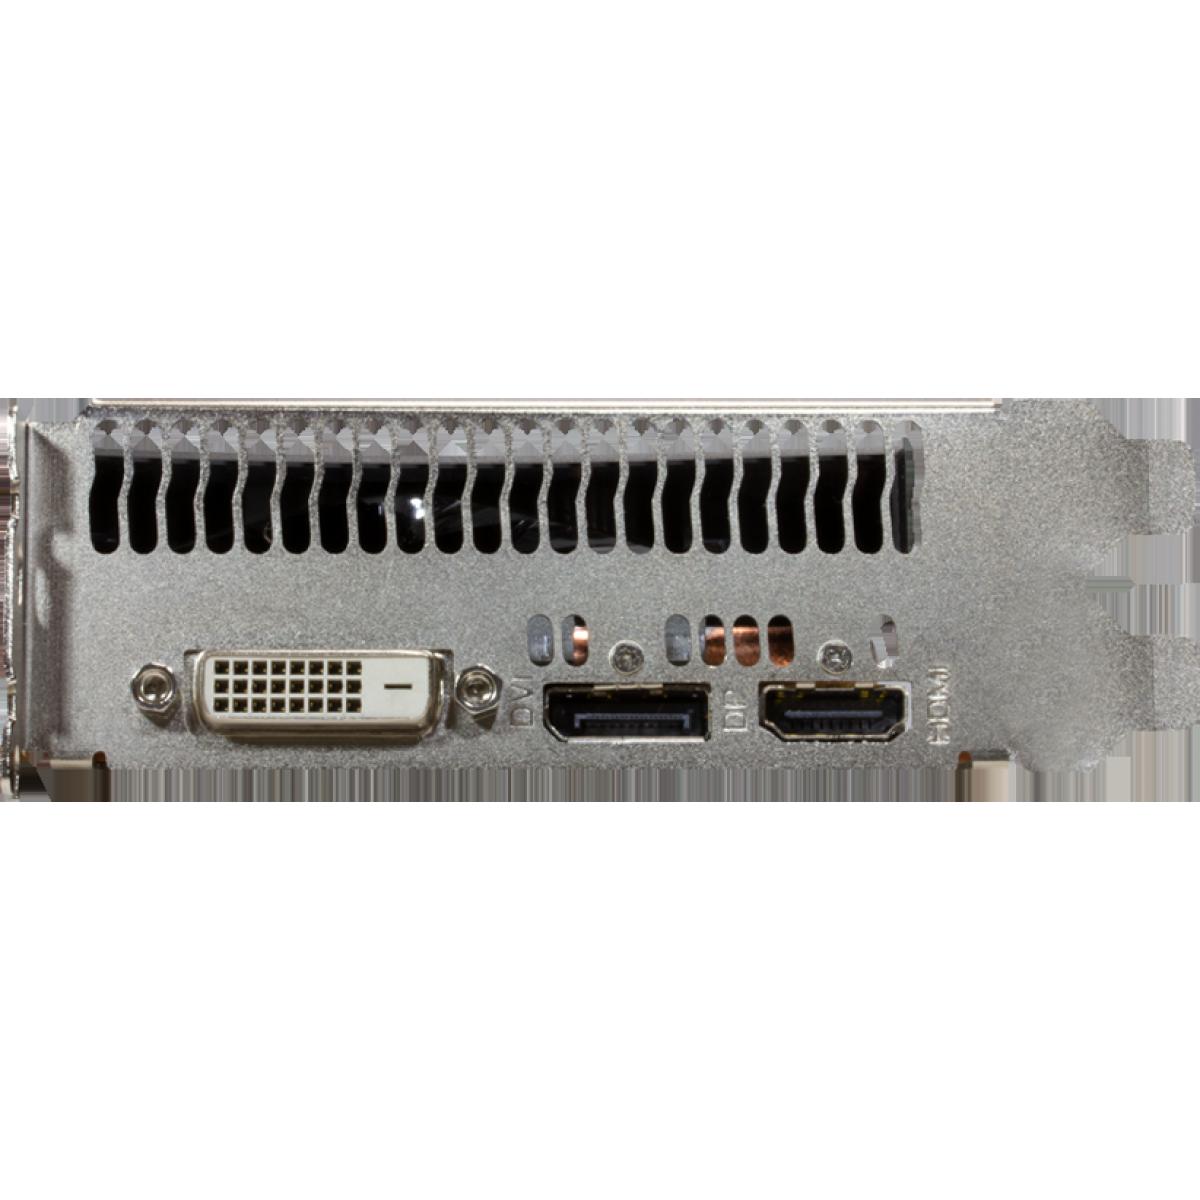 Placa de Vídeo PowerColor Radeon Navi RX 5500 XT, Dual Fan, 8GB GDDR6, 128Bit